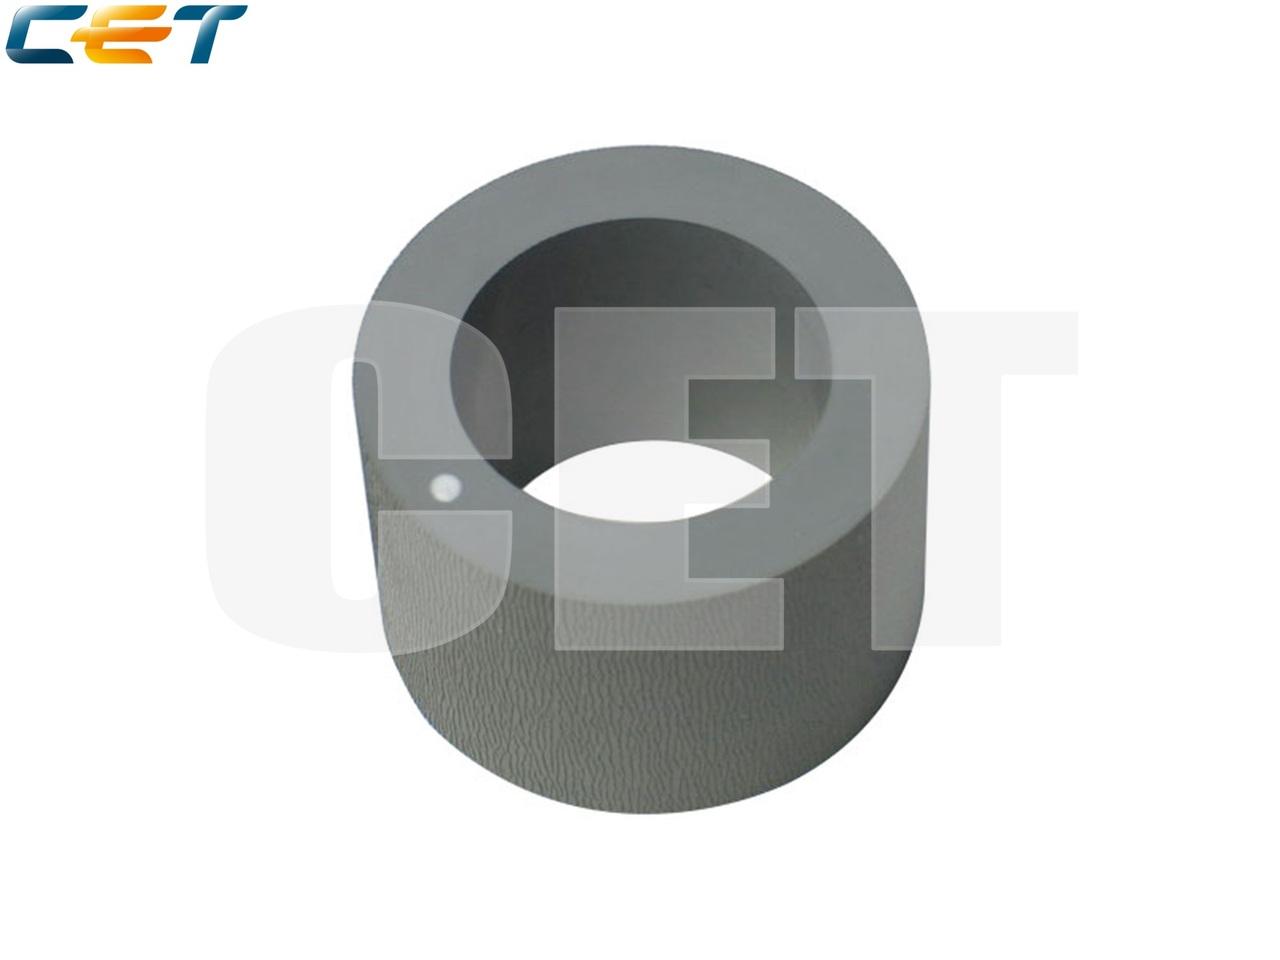 Резинка ролика подачи обходного лотка 2C993130, 2C968160для KYOCERA KM-1620/1650/2050/2550/1635/2035 (CET),CET8843